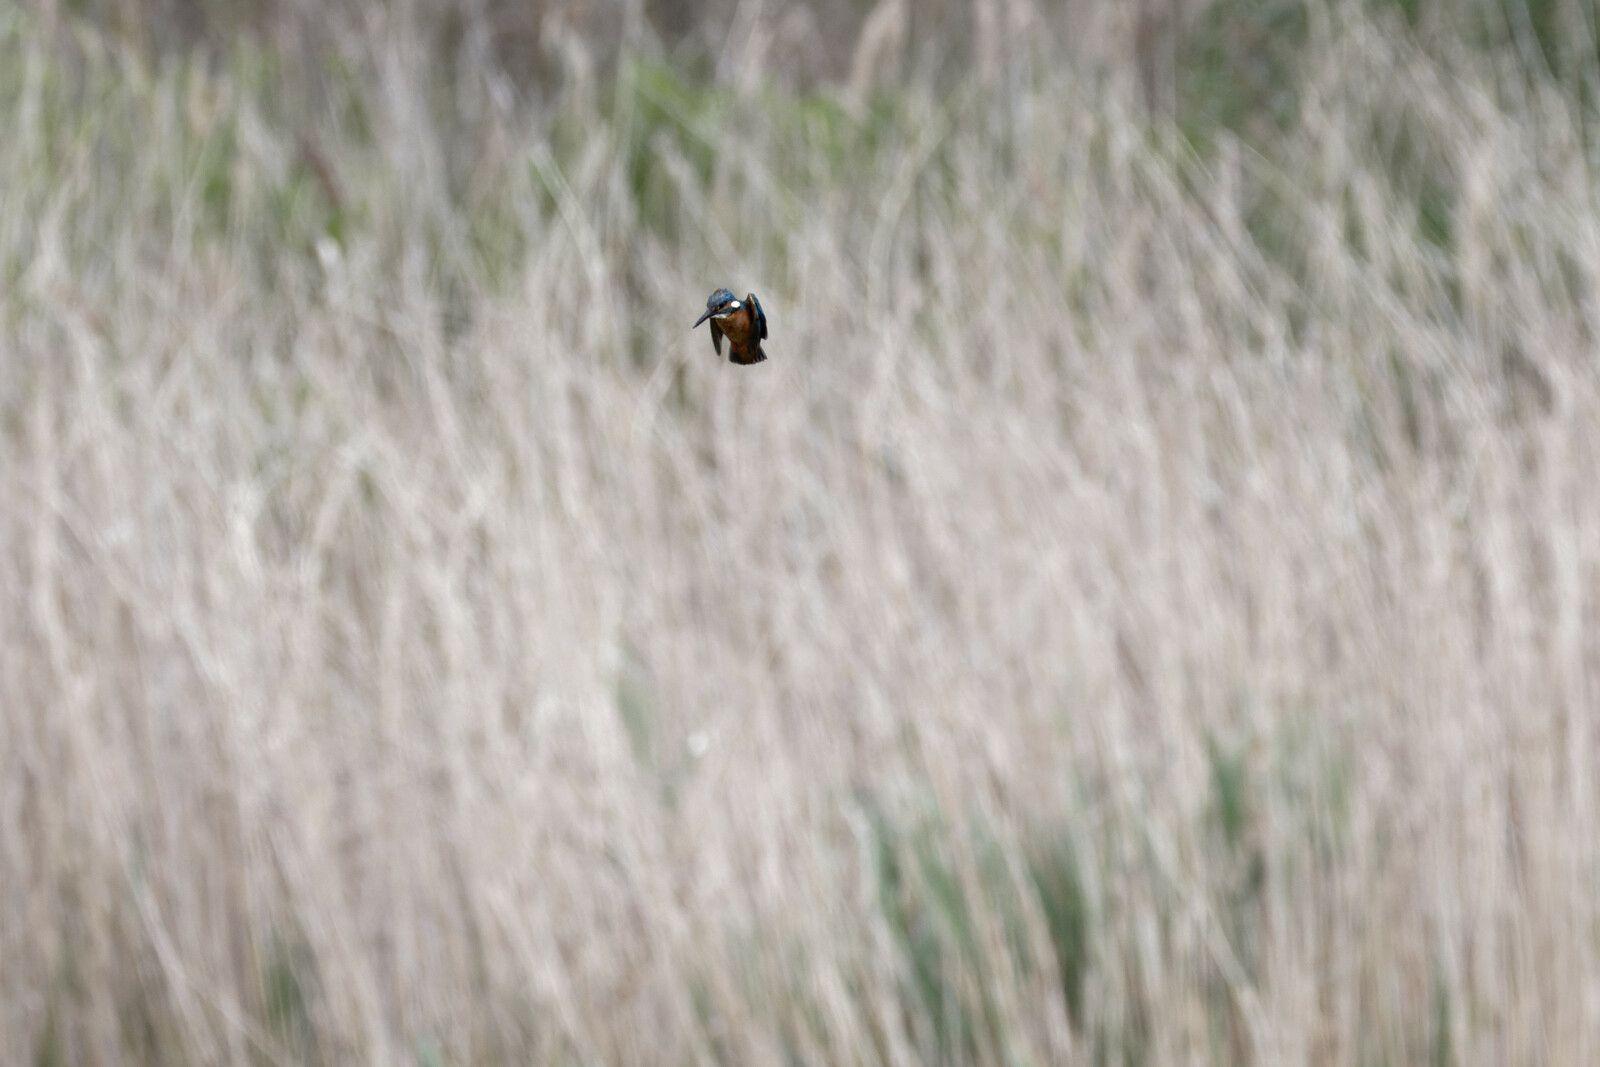 568 - La Biodiversité est un vrai trésor ! Punaise ! Abeille, Odonate, Barge, Passereau... : 22/05/2021